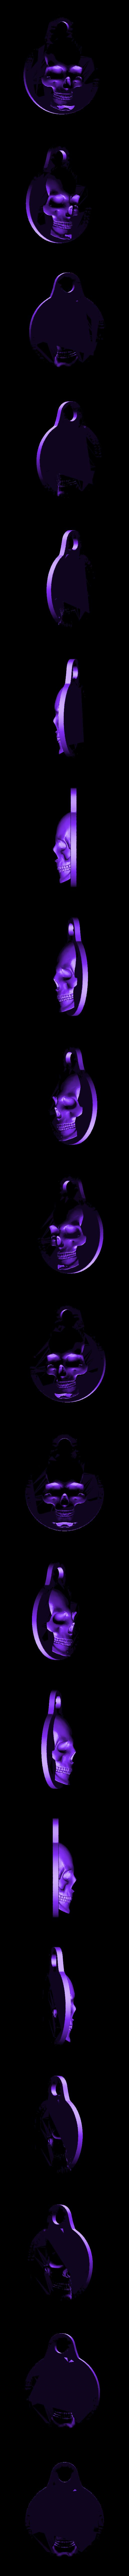 Keychain_-_Skull.stl Télécharger fichier STL gratuit Porte-clés Crâne • Modèle imprimable en 3D, CarlCreates